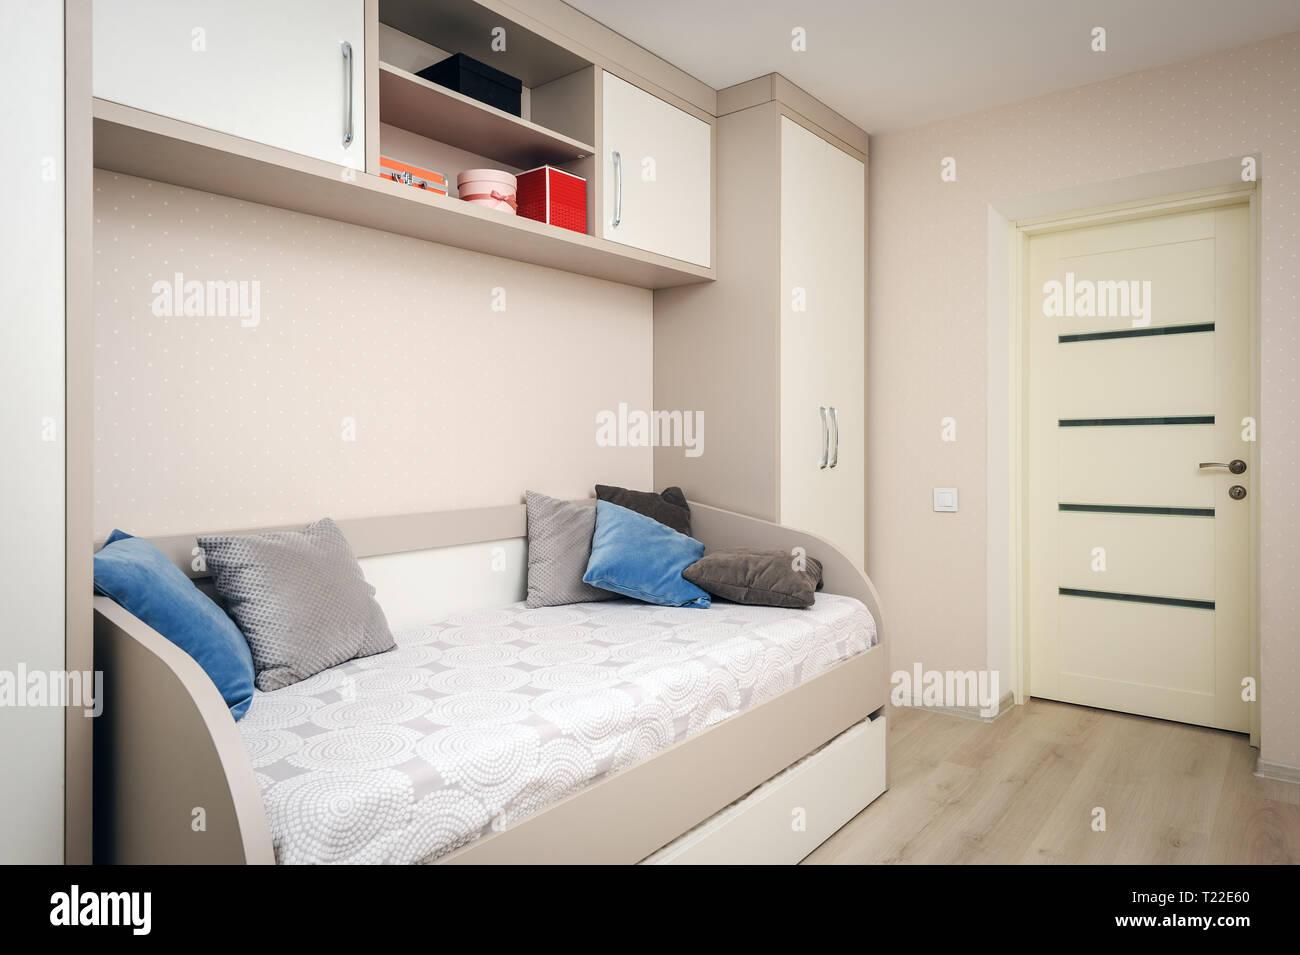 Camera Da Letto Con Divano : Moderna camera da letto con divano letto e armadio foto immagine